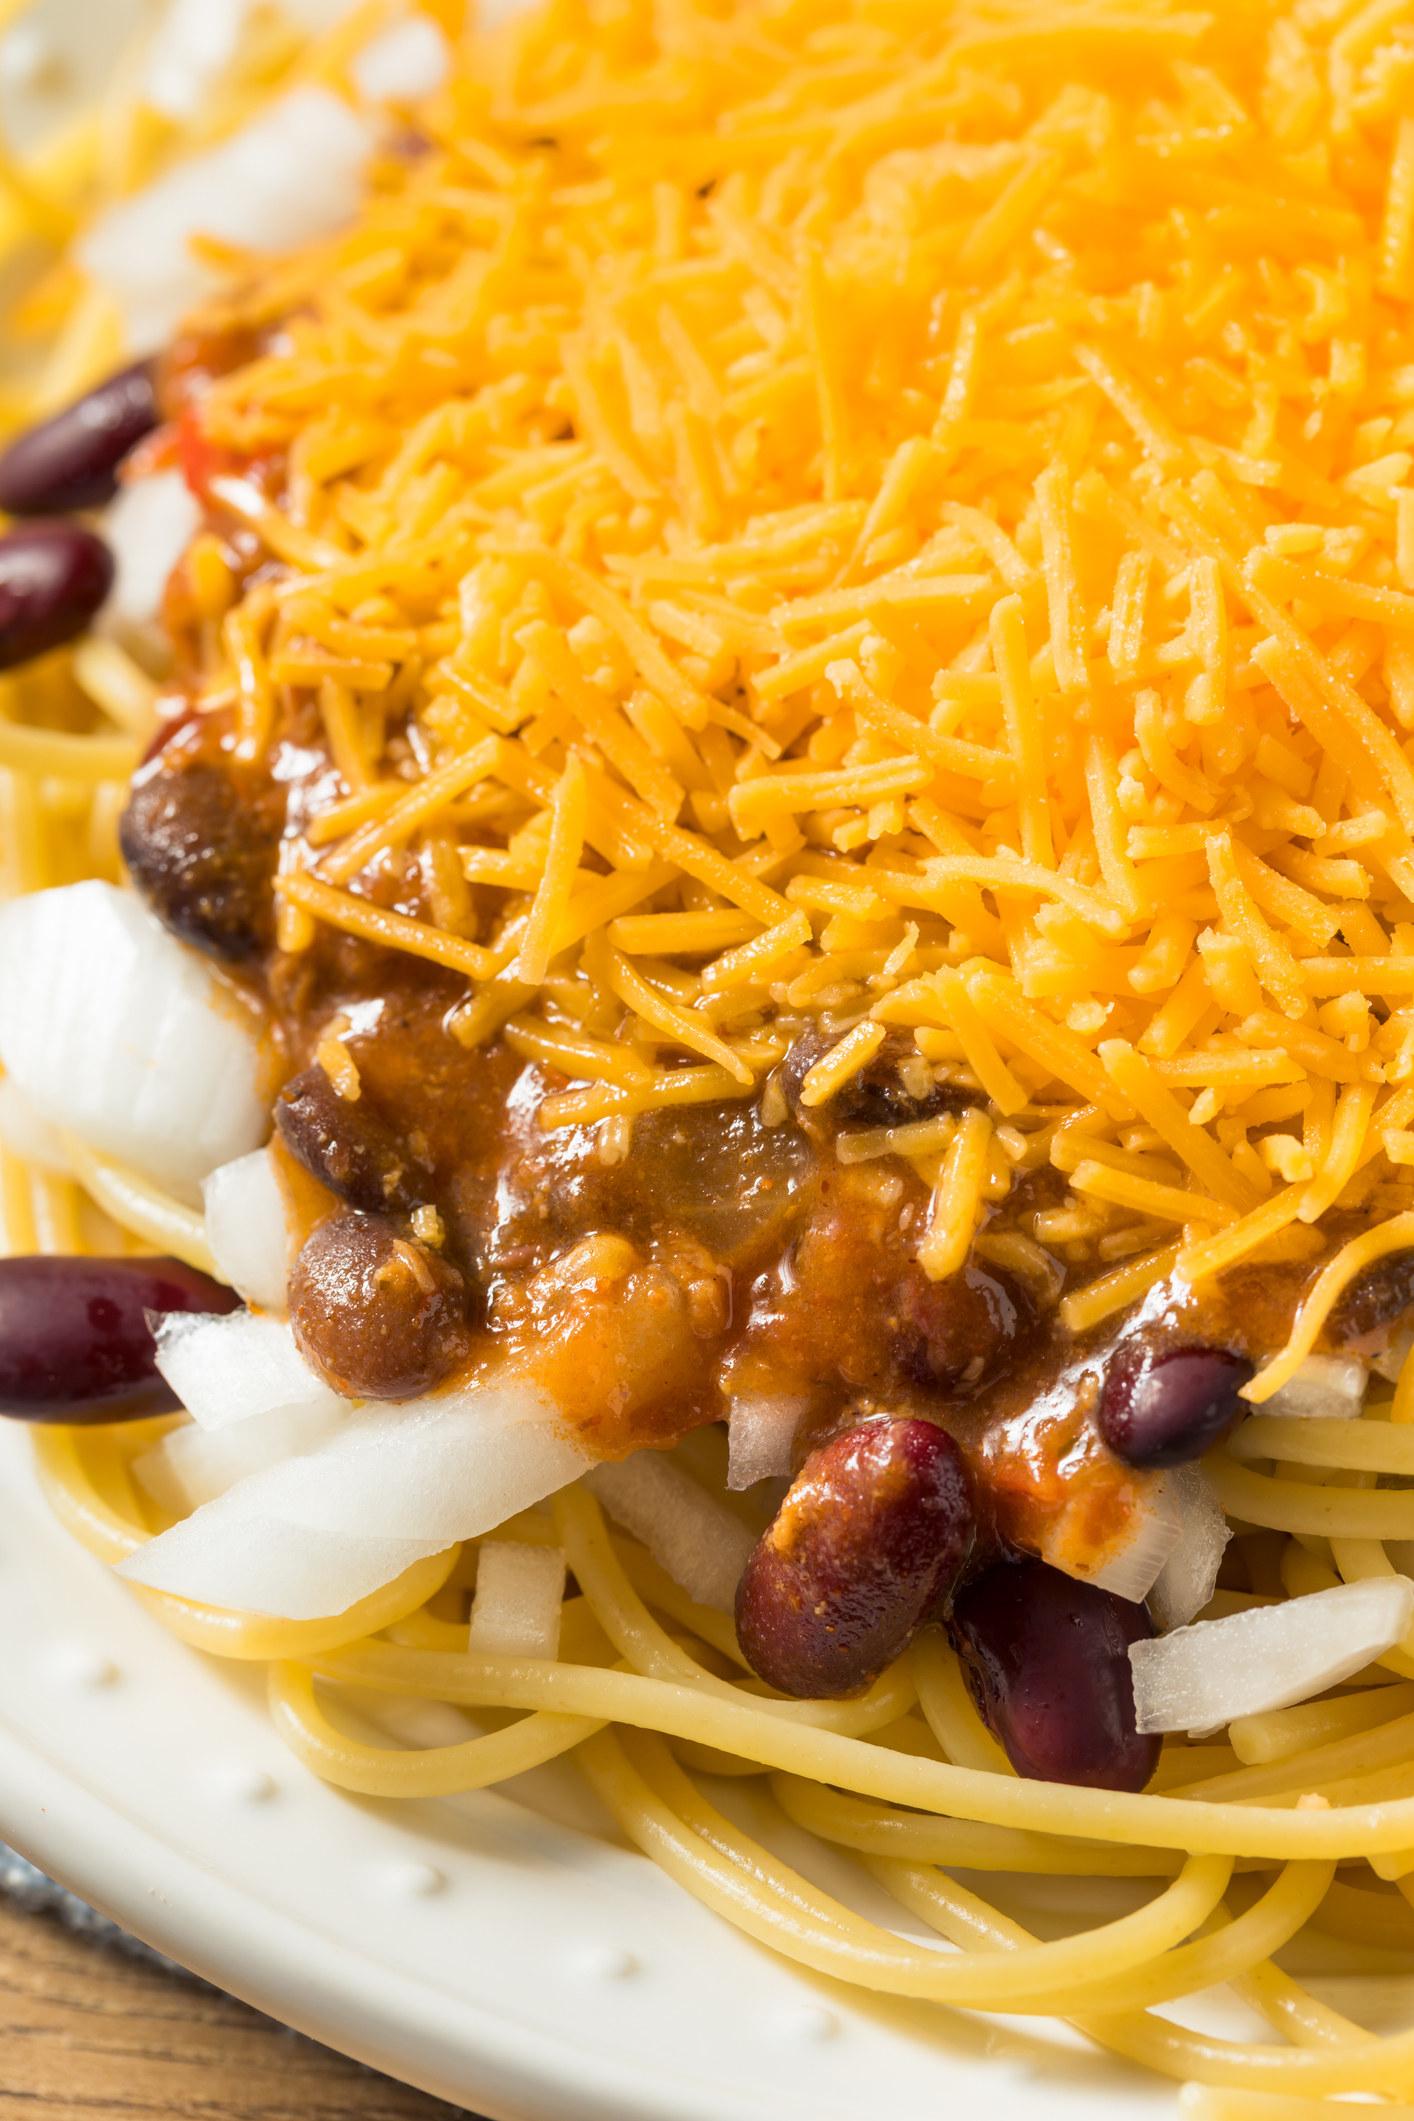 Cincinnati chili over spaghetti.